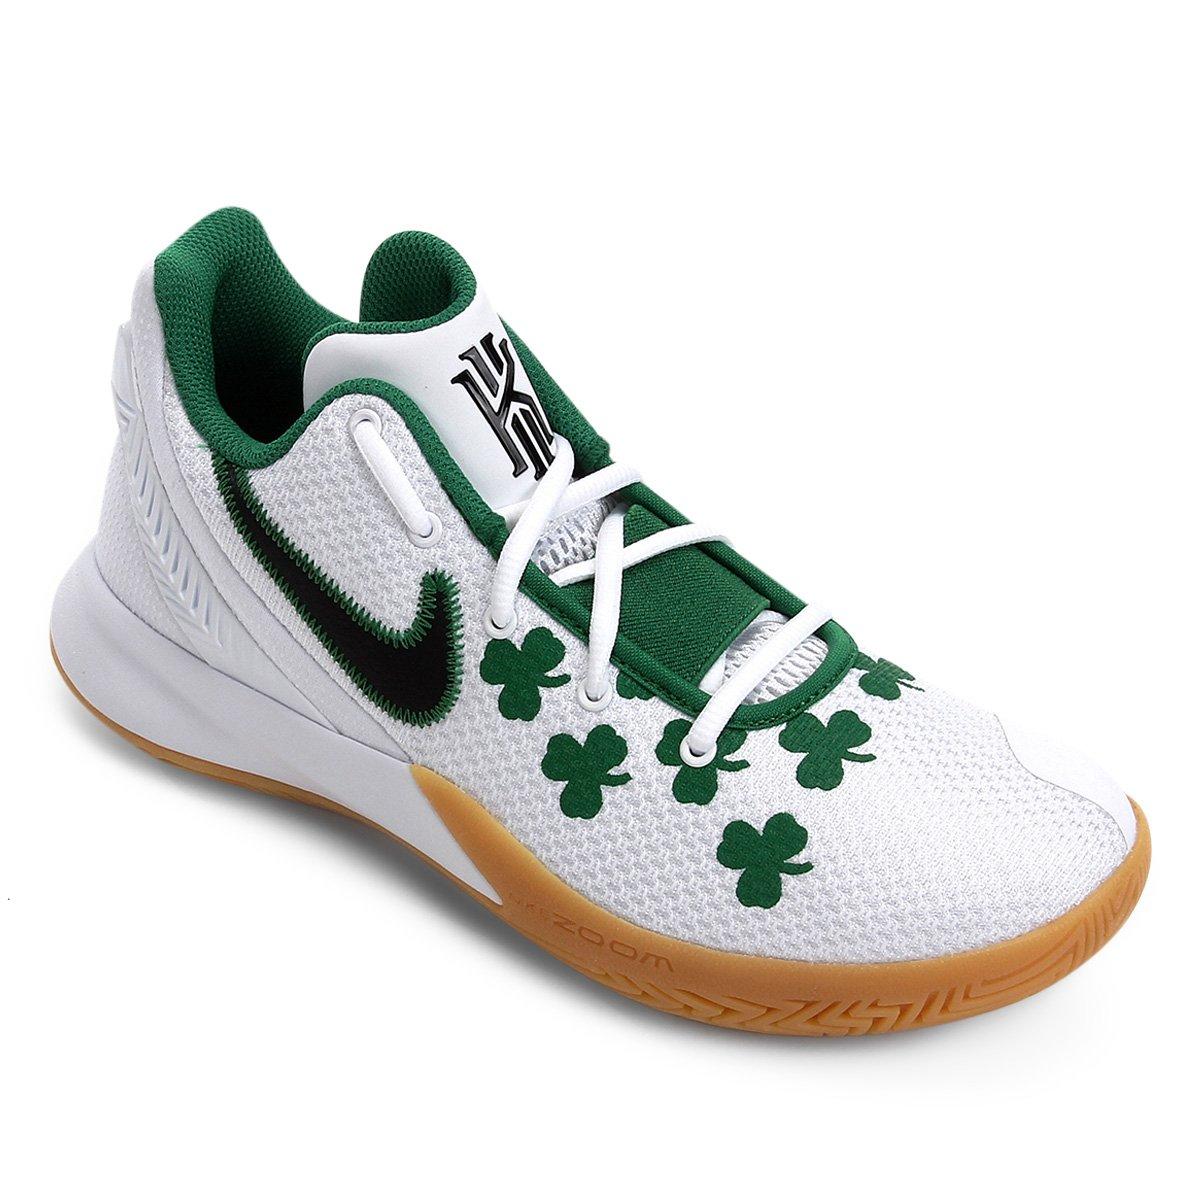 Tênis Nike Kyrie Flytrap II Masculino